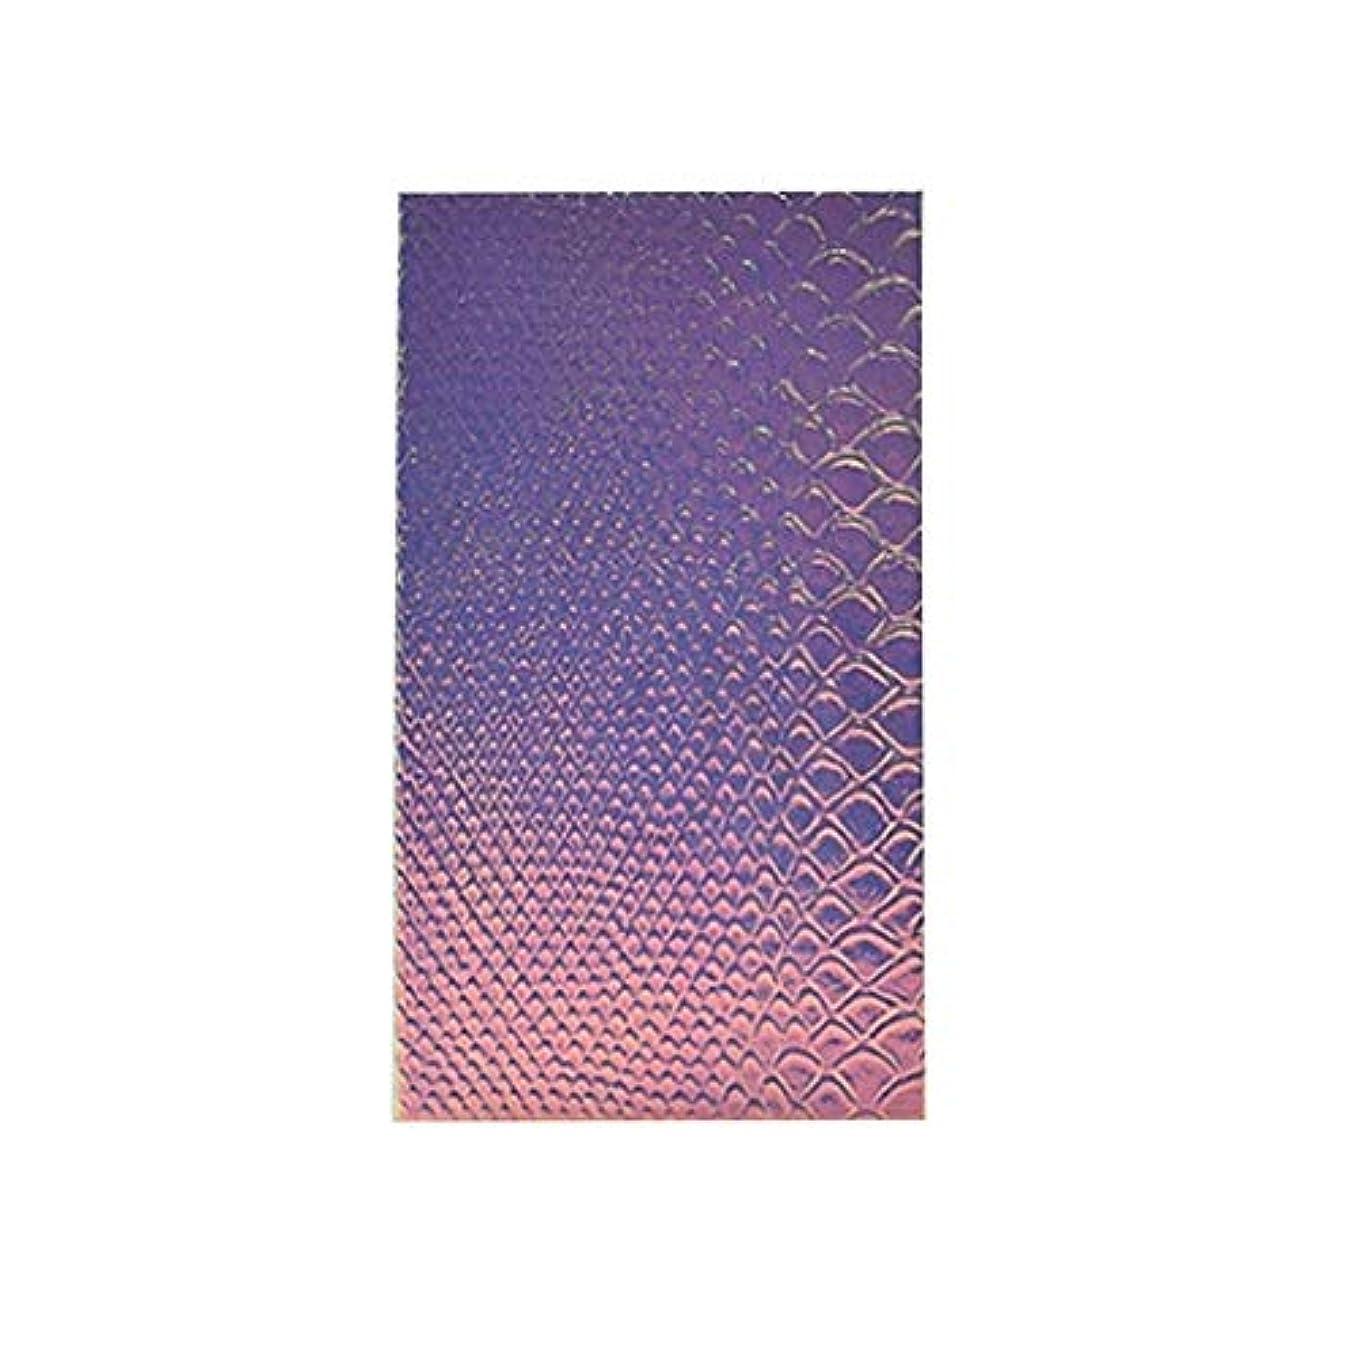 一部定義する高度な空の化粧アイシャドーパレット磁気空パレット接着剤空のパレット金属ステッカー空のパレットキット(L)